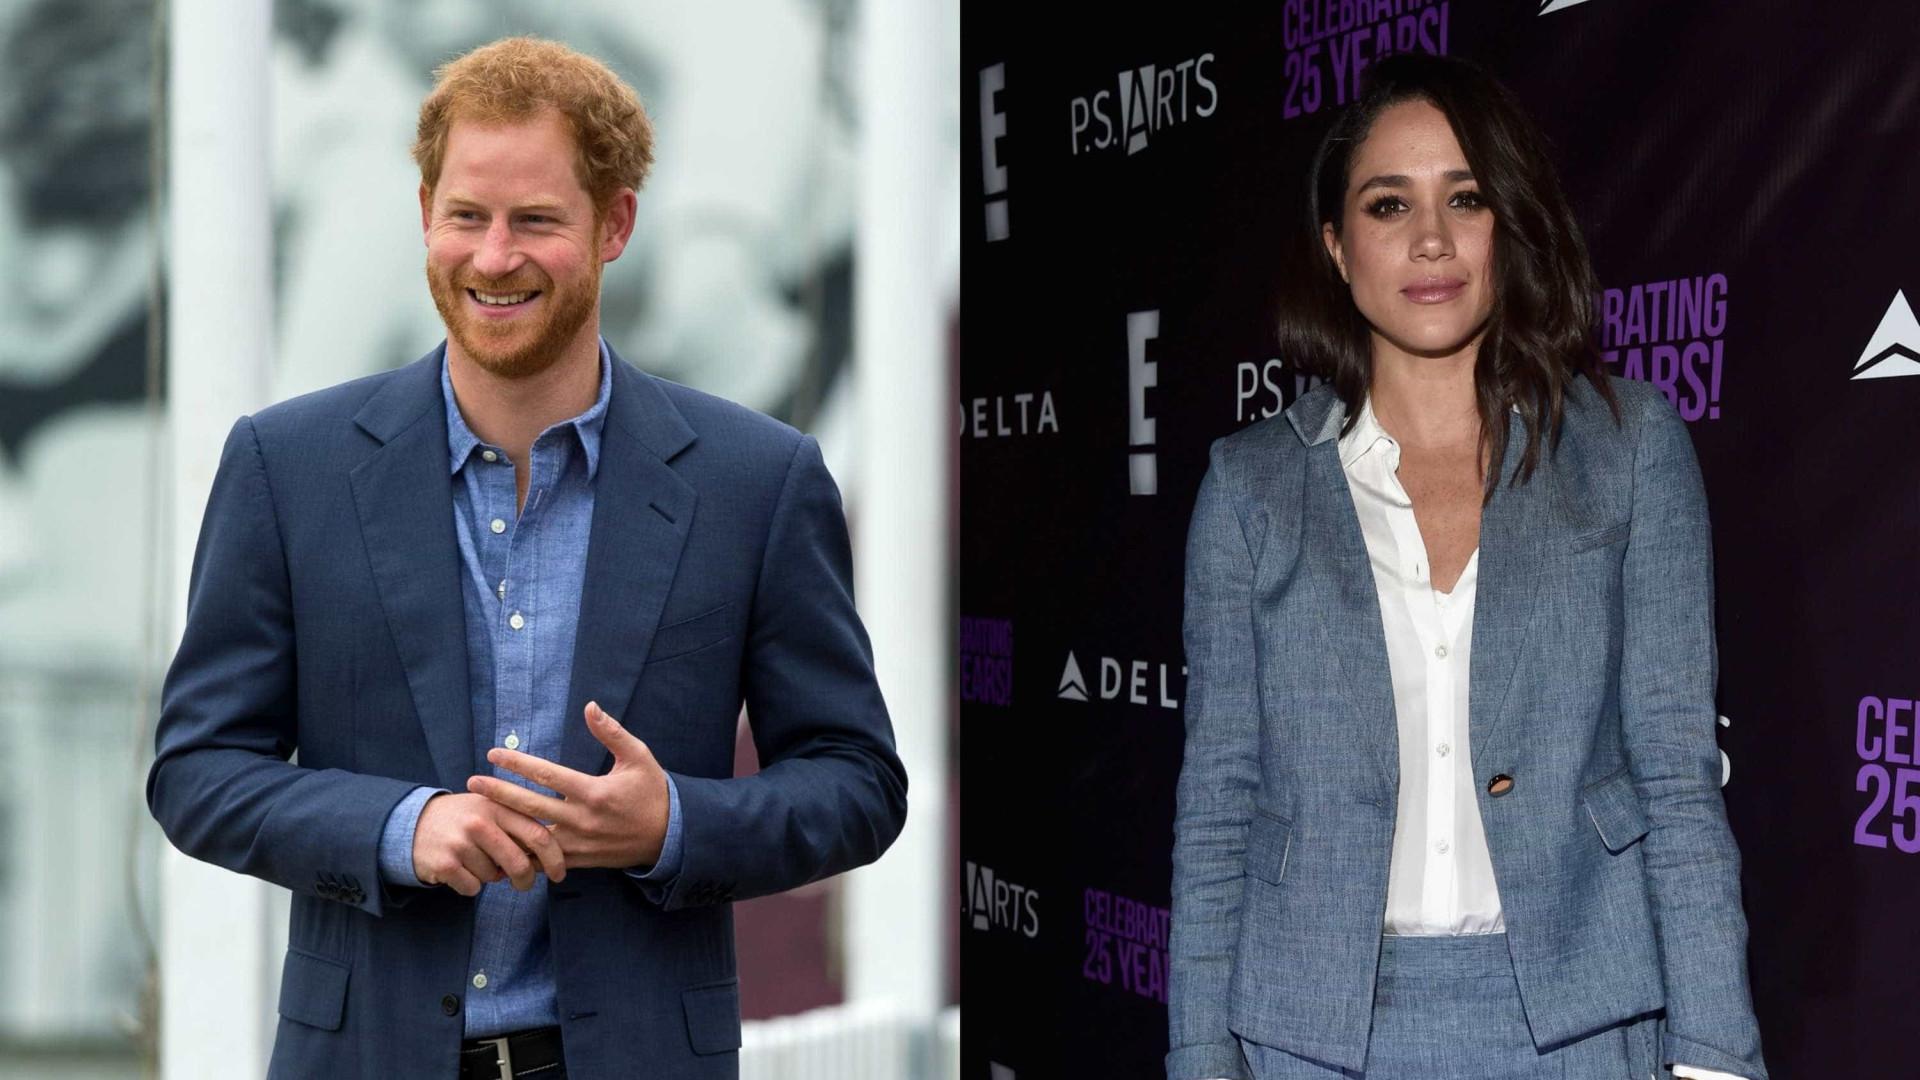 Veja a namorada do príncipe Harry a trabalhar